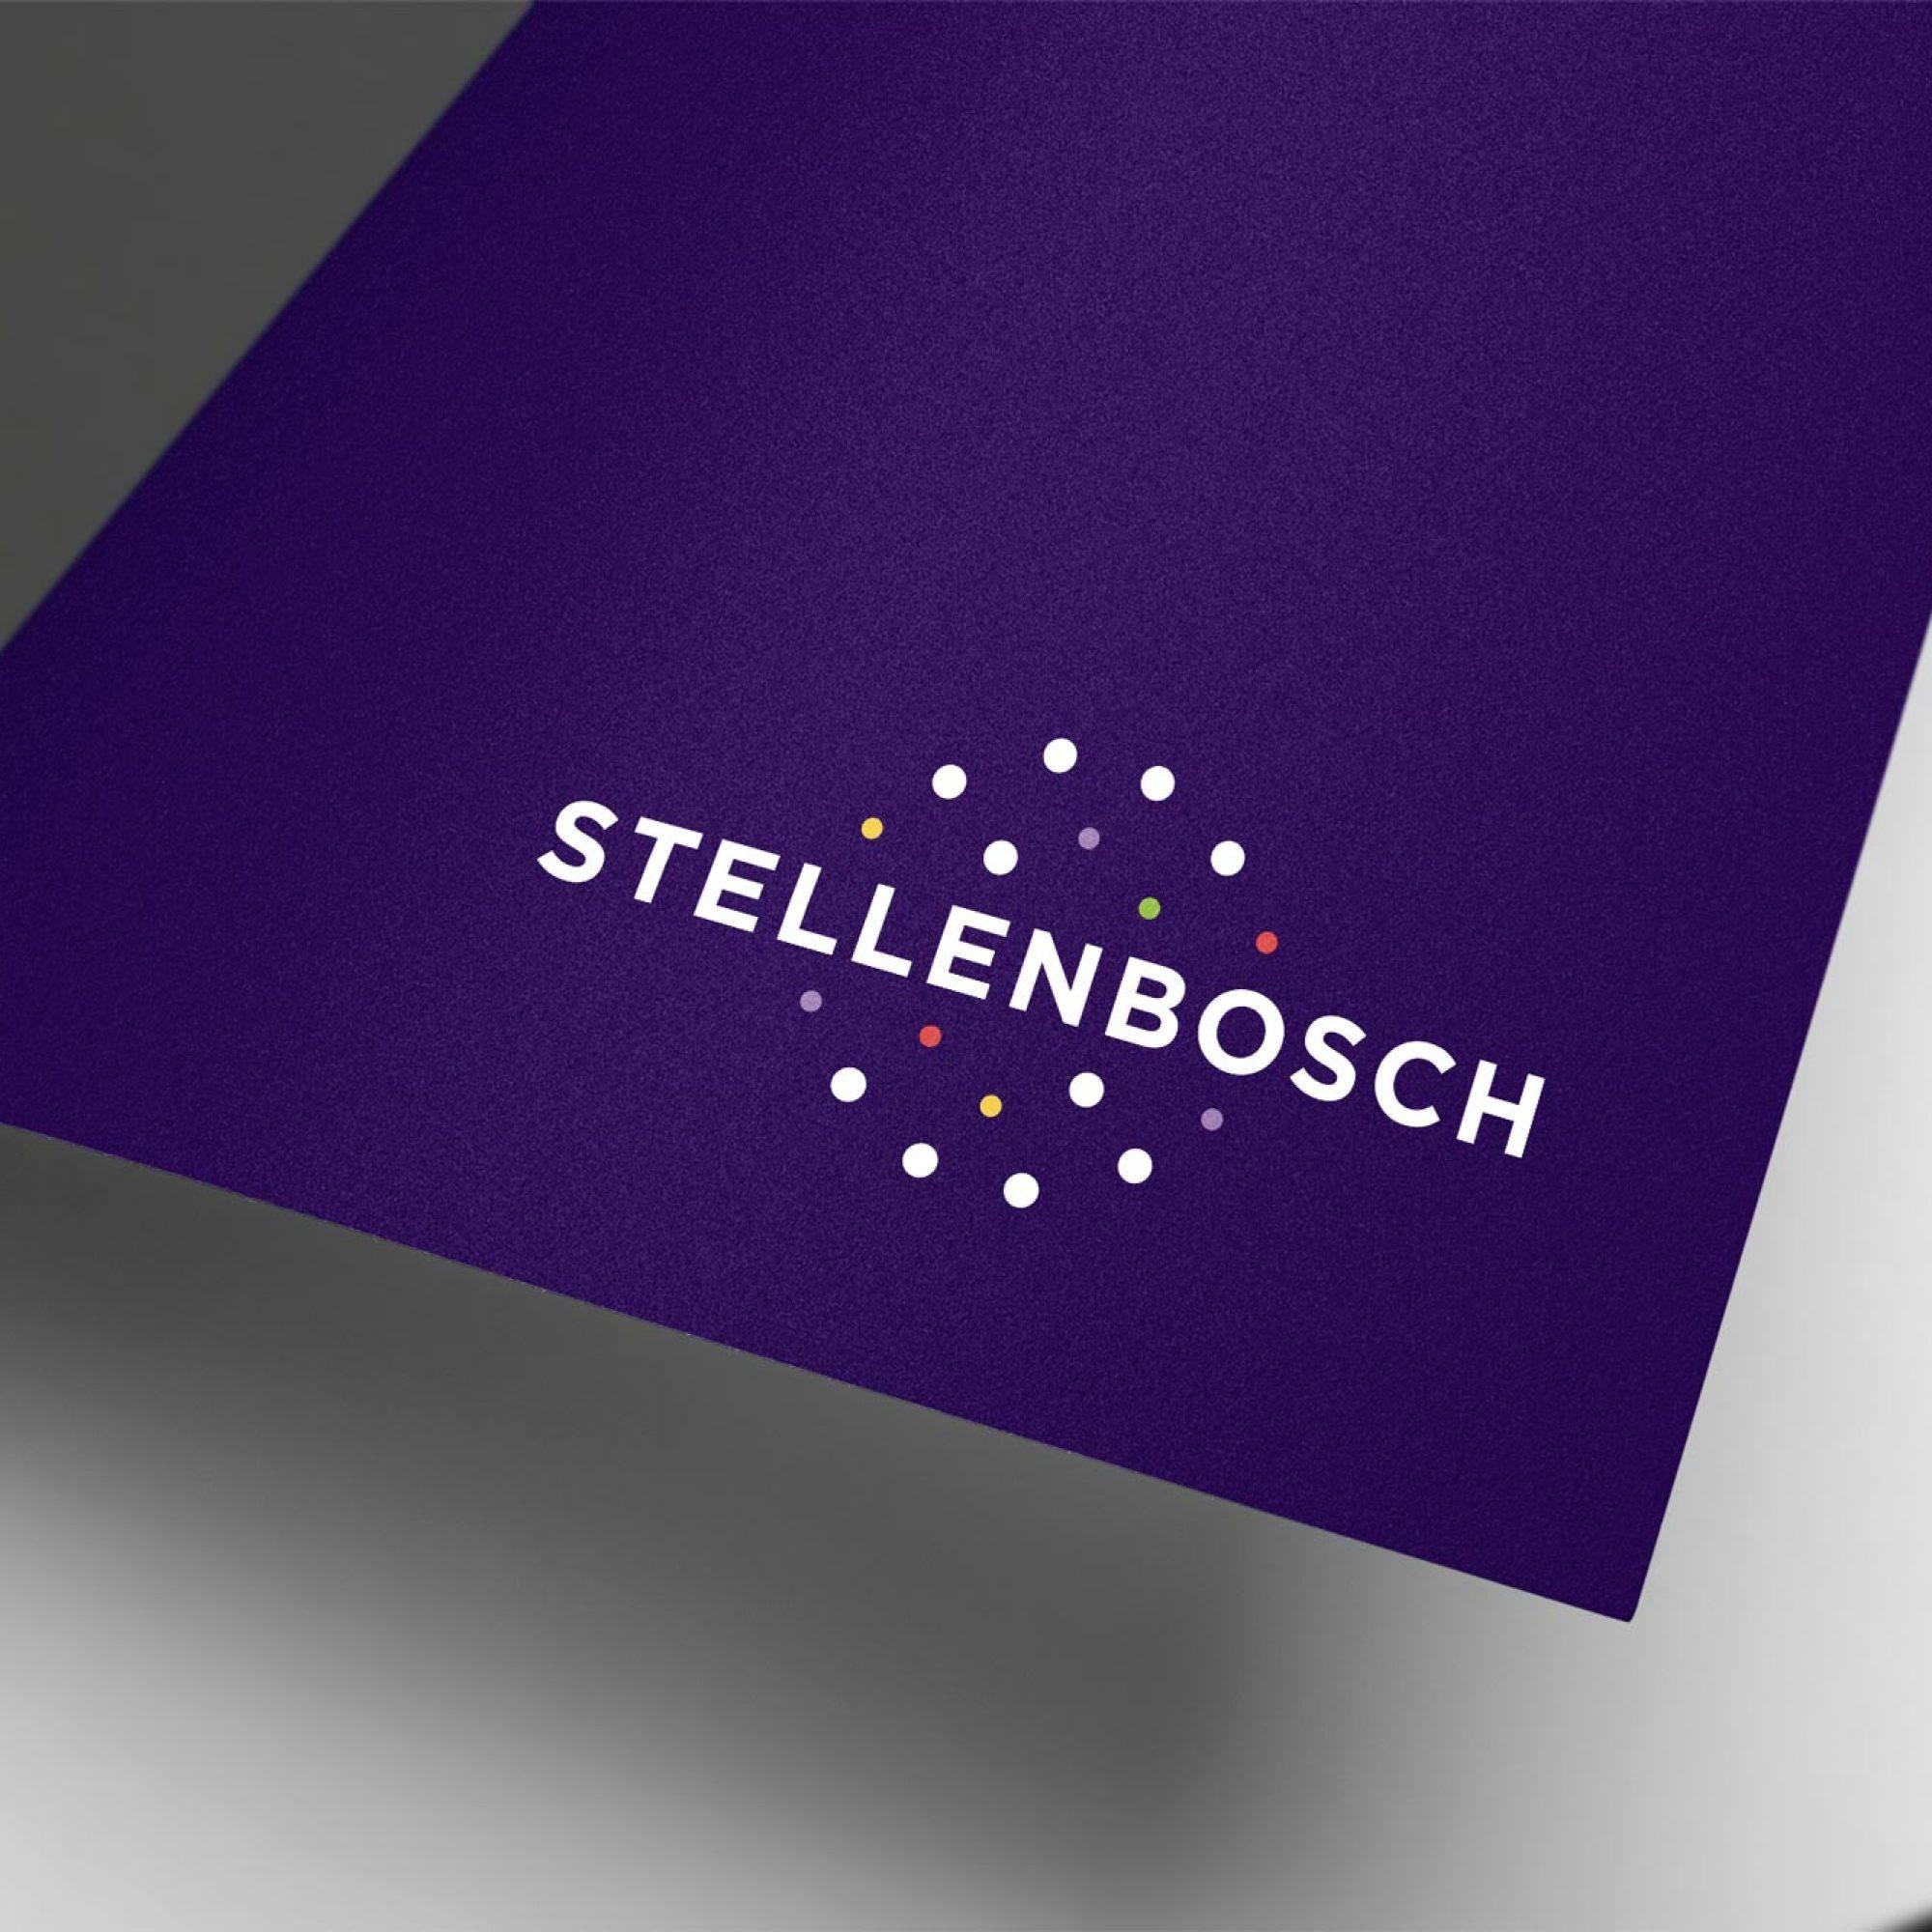 Stellenbosch_Comps_Logo_2